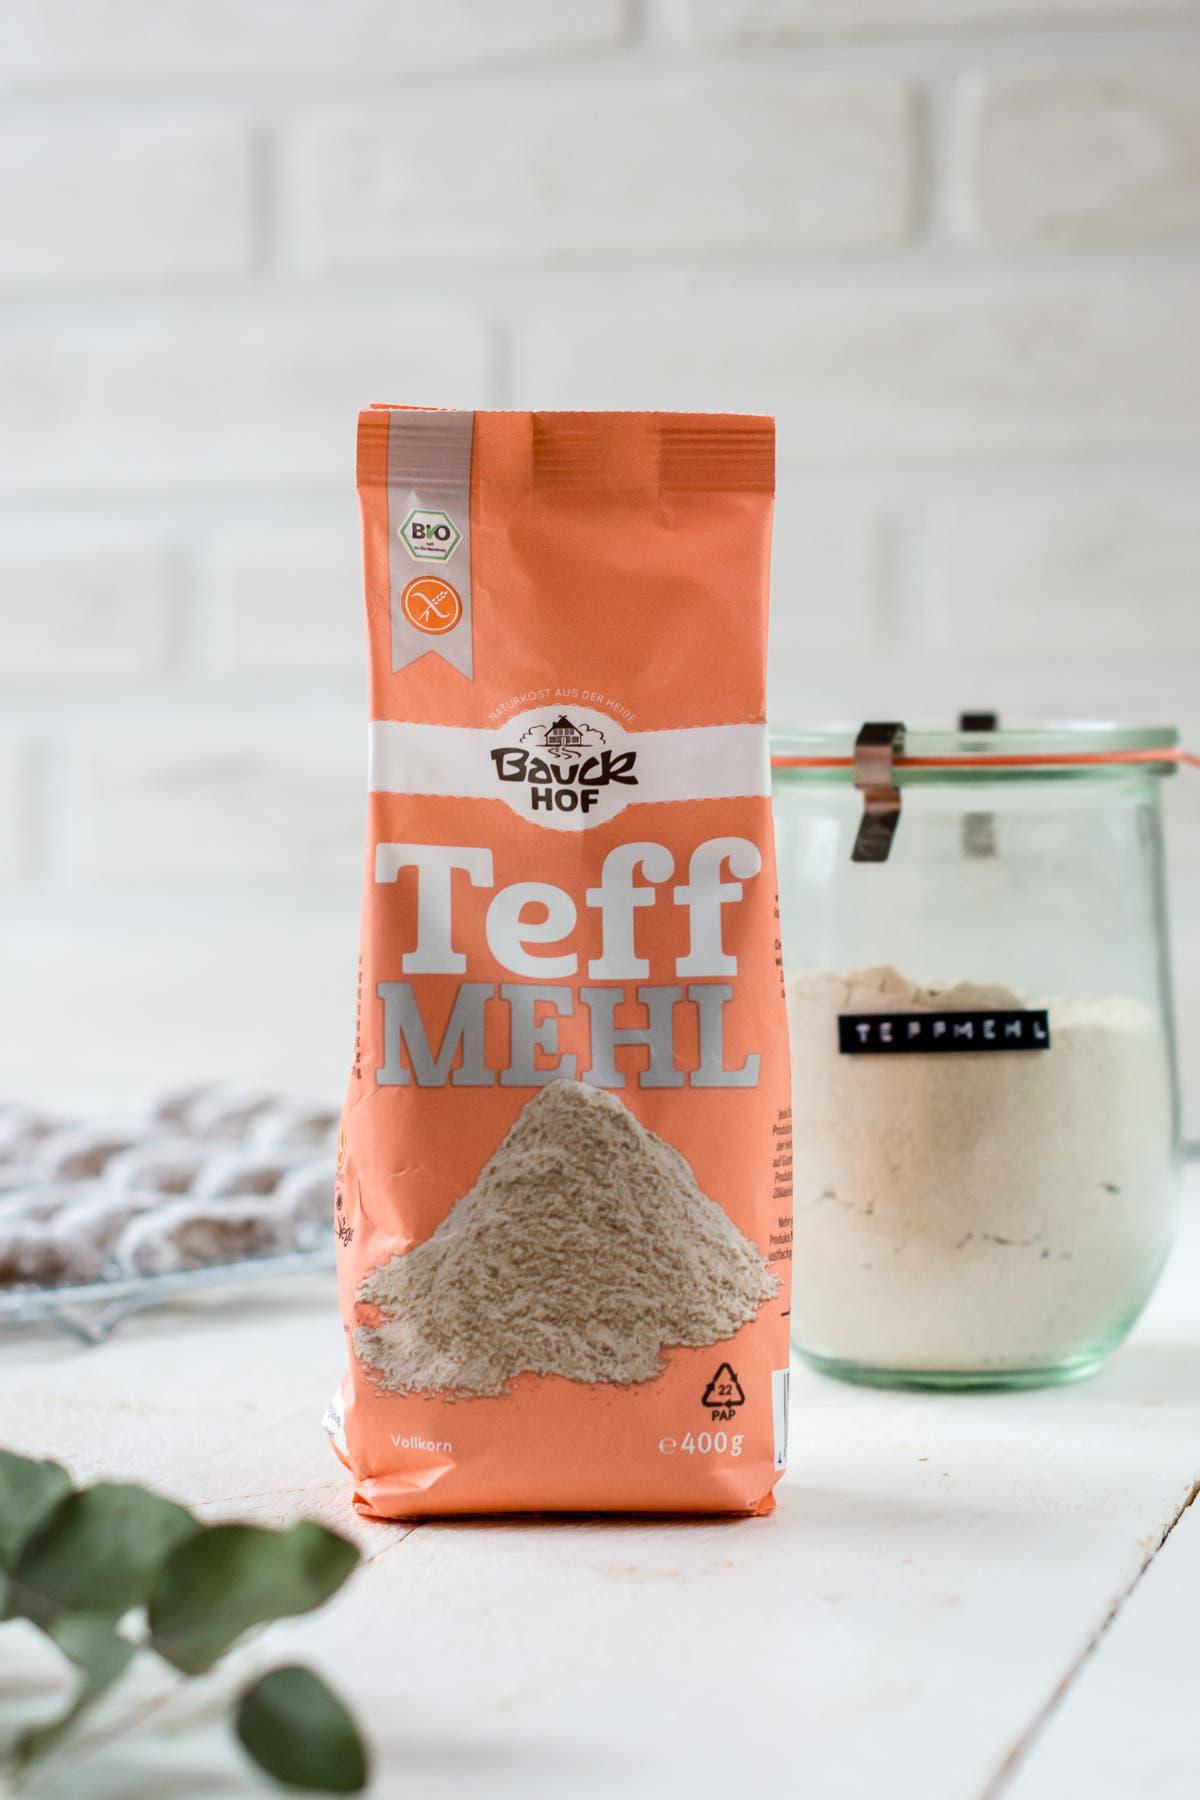 Verpackung eines glutenfreien Mehls auf weißem Untergrund und einem Glas mit Teffmehl.